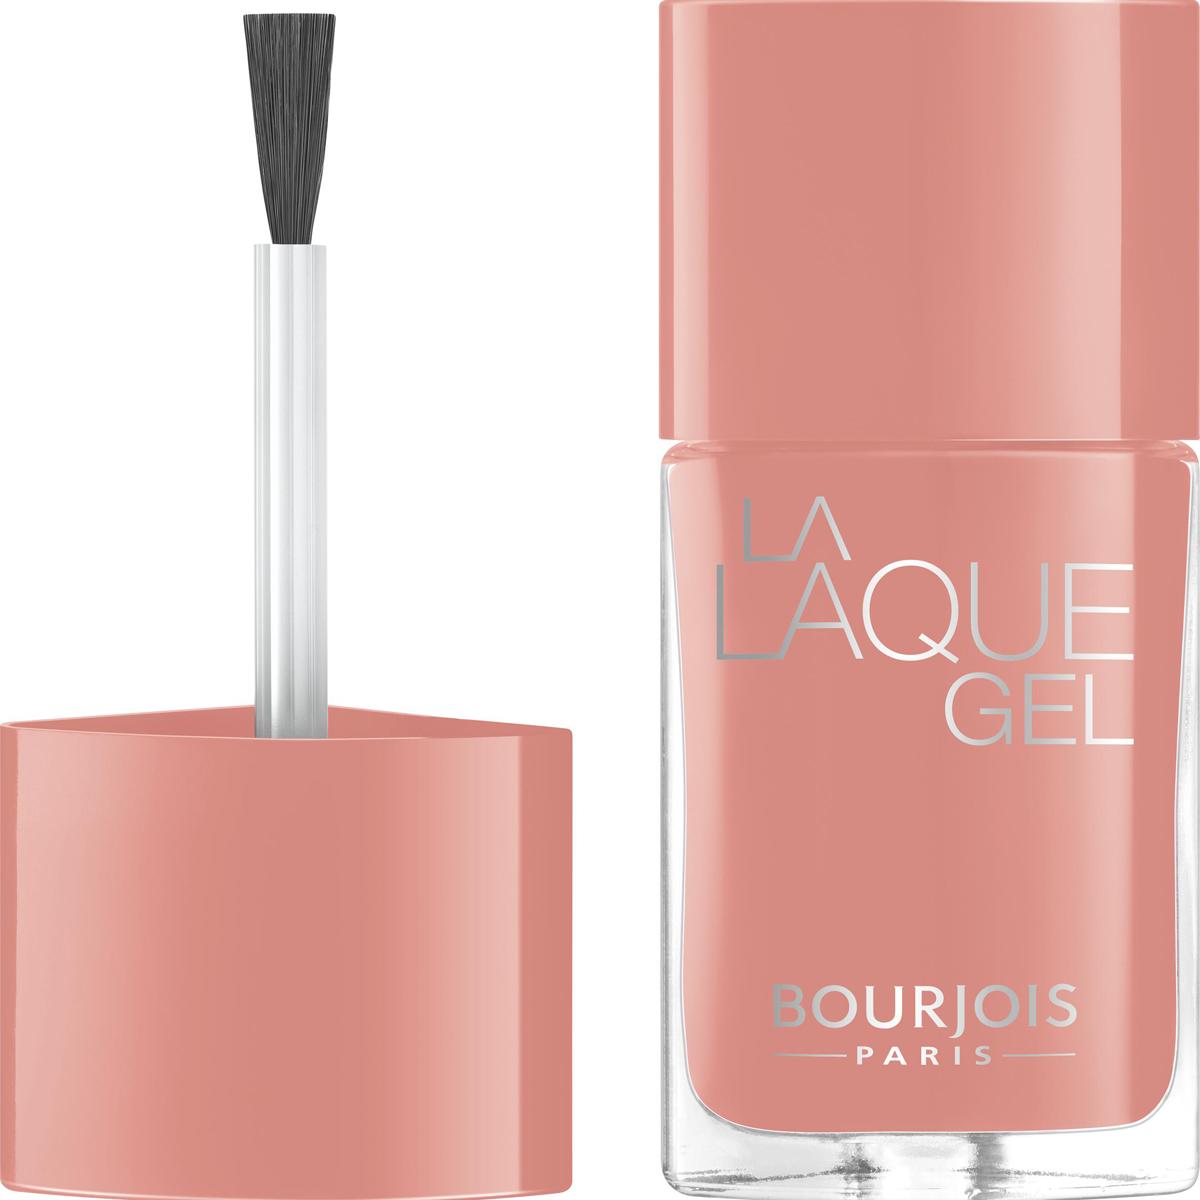 Bourjois Гель-лак Для Ногтей La Laque Gel, Тон 26002722Маникюр в 2 шага. Без УФ-лампы. Легко удалить жидкостью для снятия лака. Стойкость до 15 дней. Интенсивность цвета и сияние.